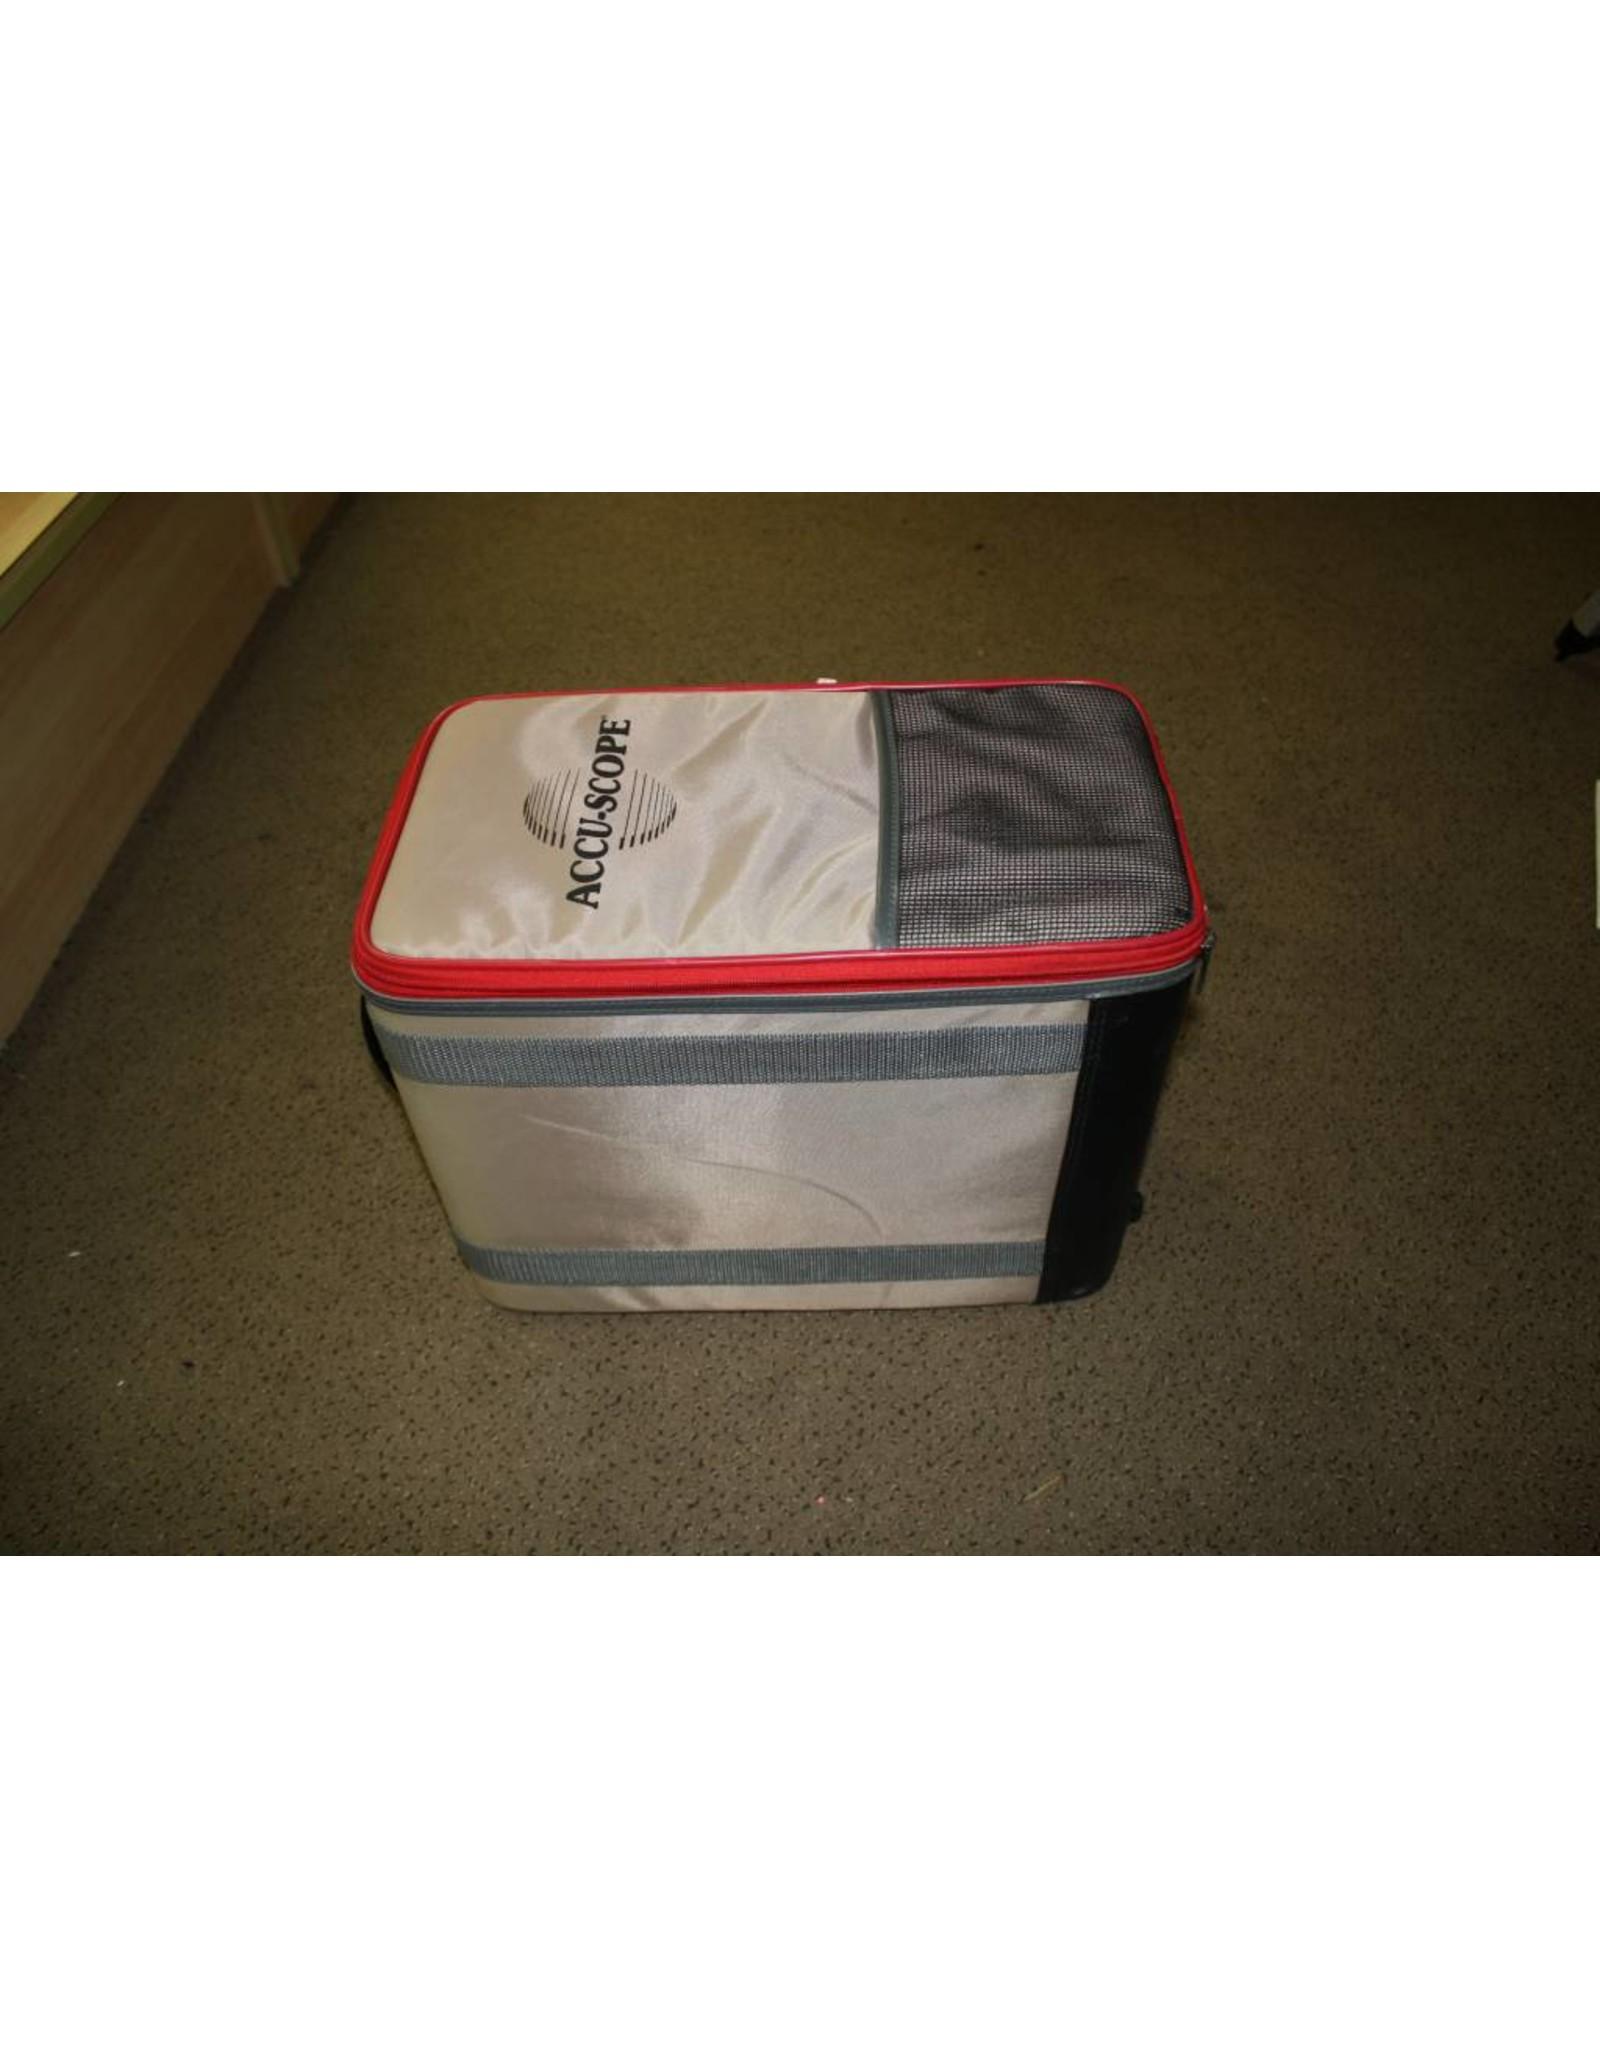 Accu-Scope Microscope Carry Case (Pre-owned)